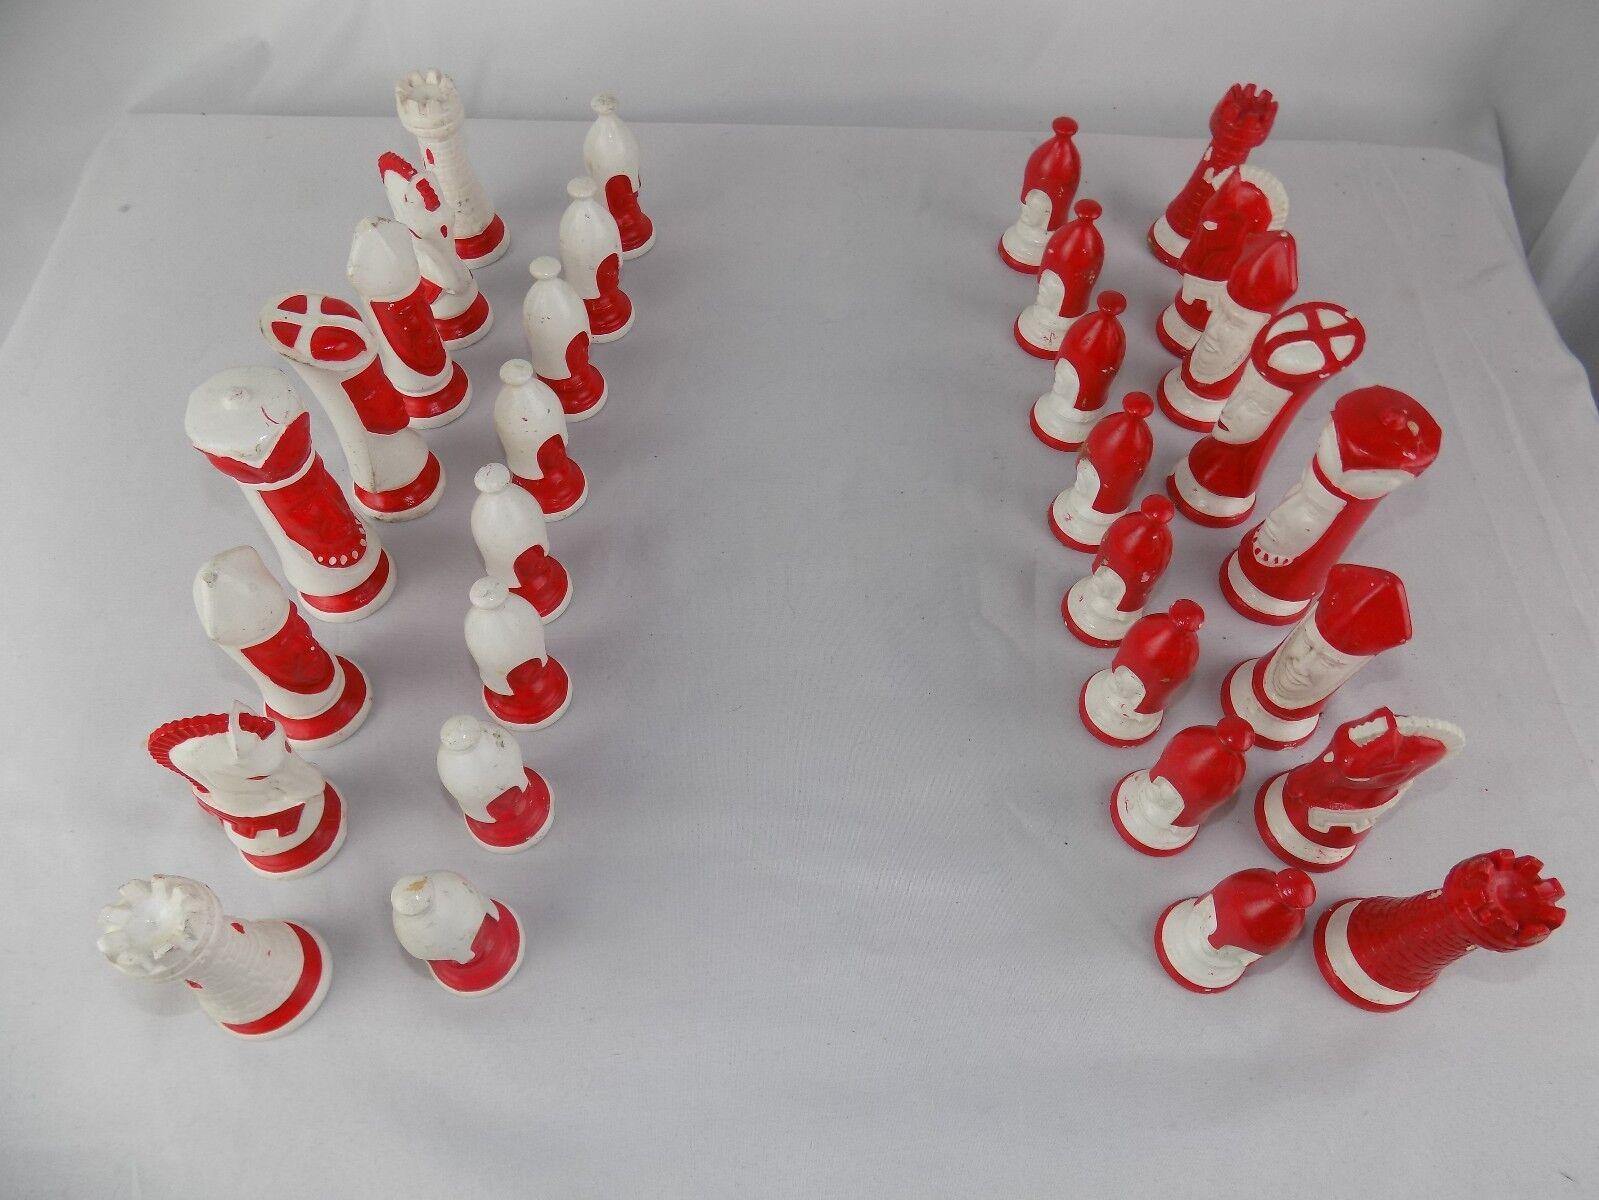 Duncan Chess Set Vintage Années  1960 Porcelaine 32 Pièces Céramique Rouge & Blanc  meilleurs prix et styles les plus frais